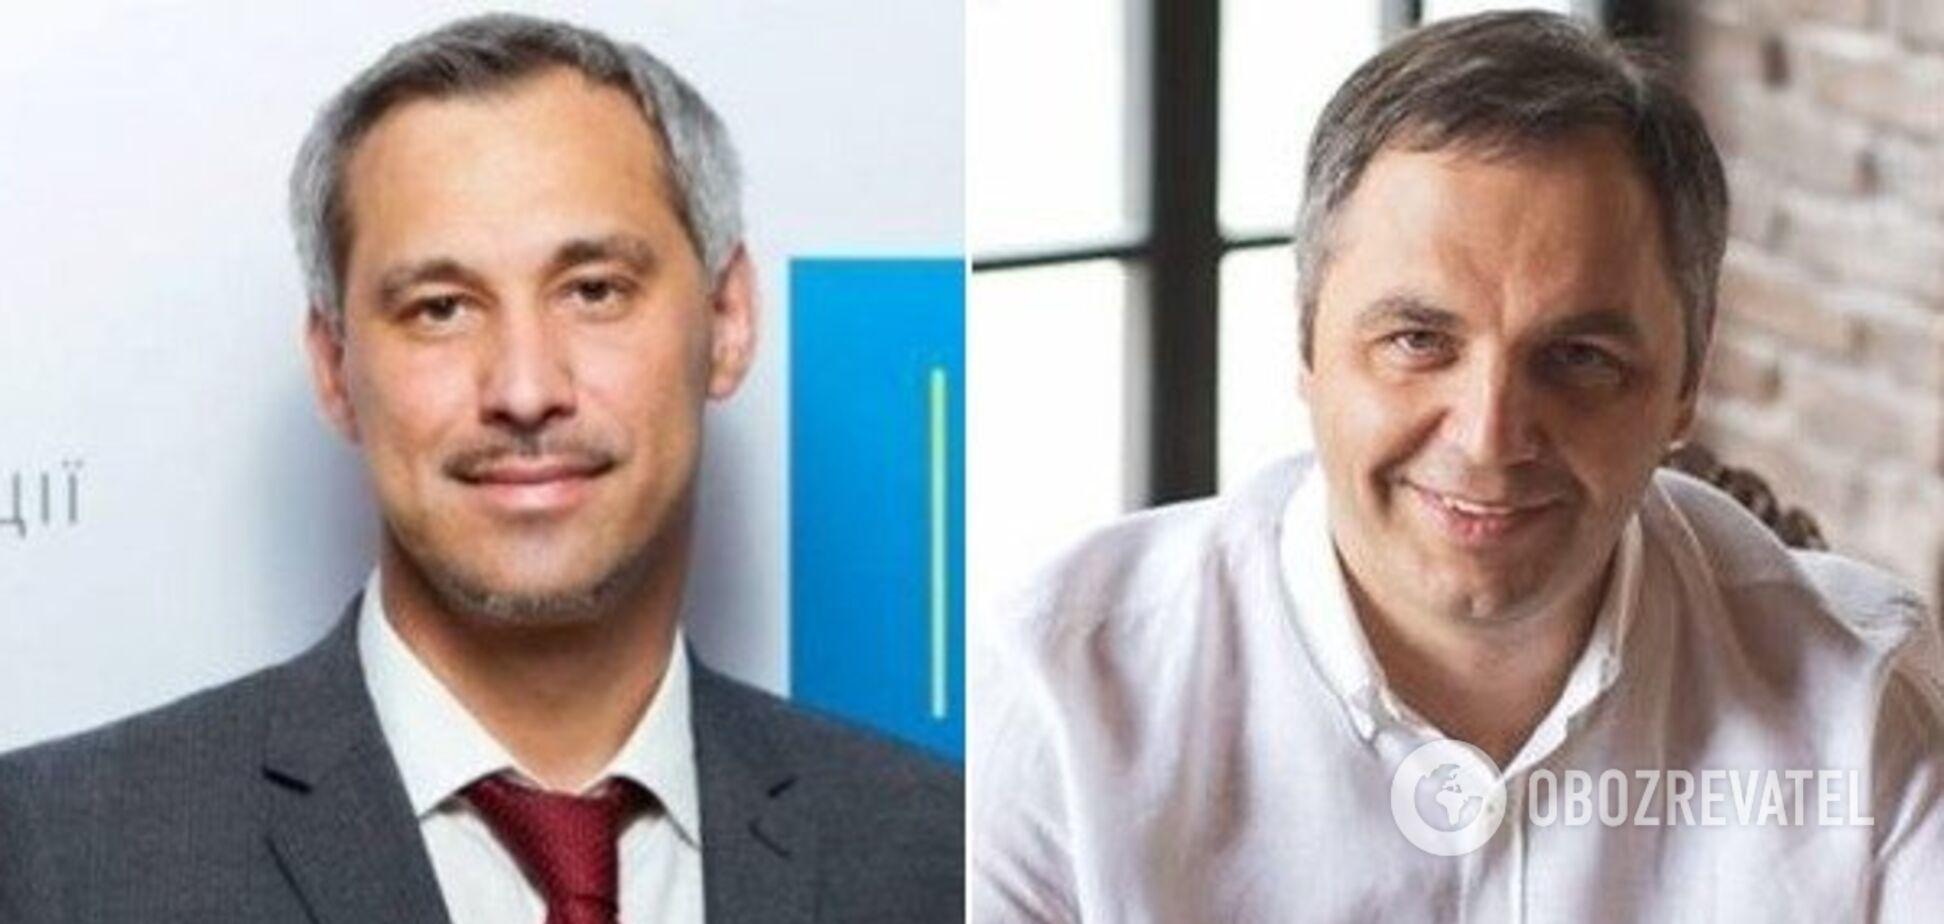 Руслан Рябошапка и Андрей Портнов